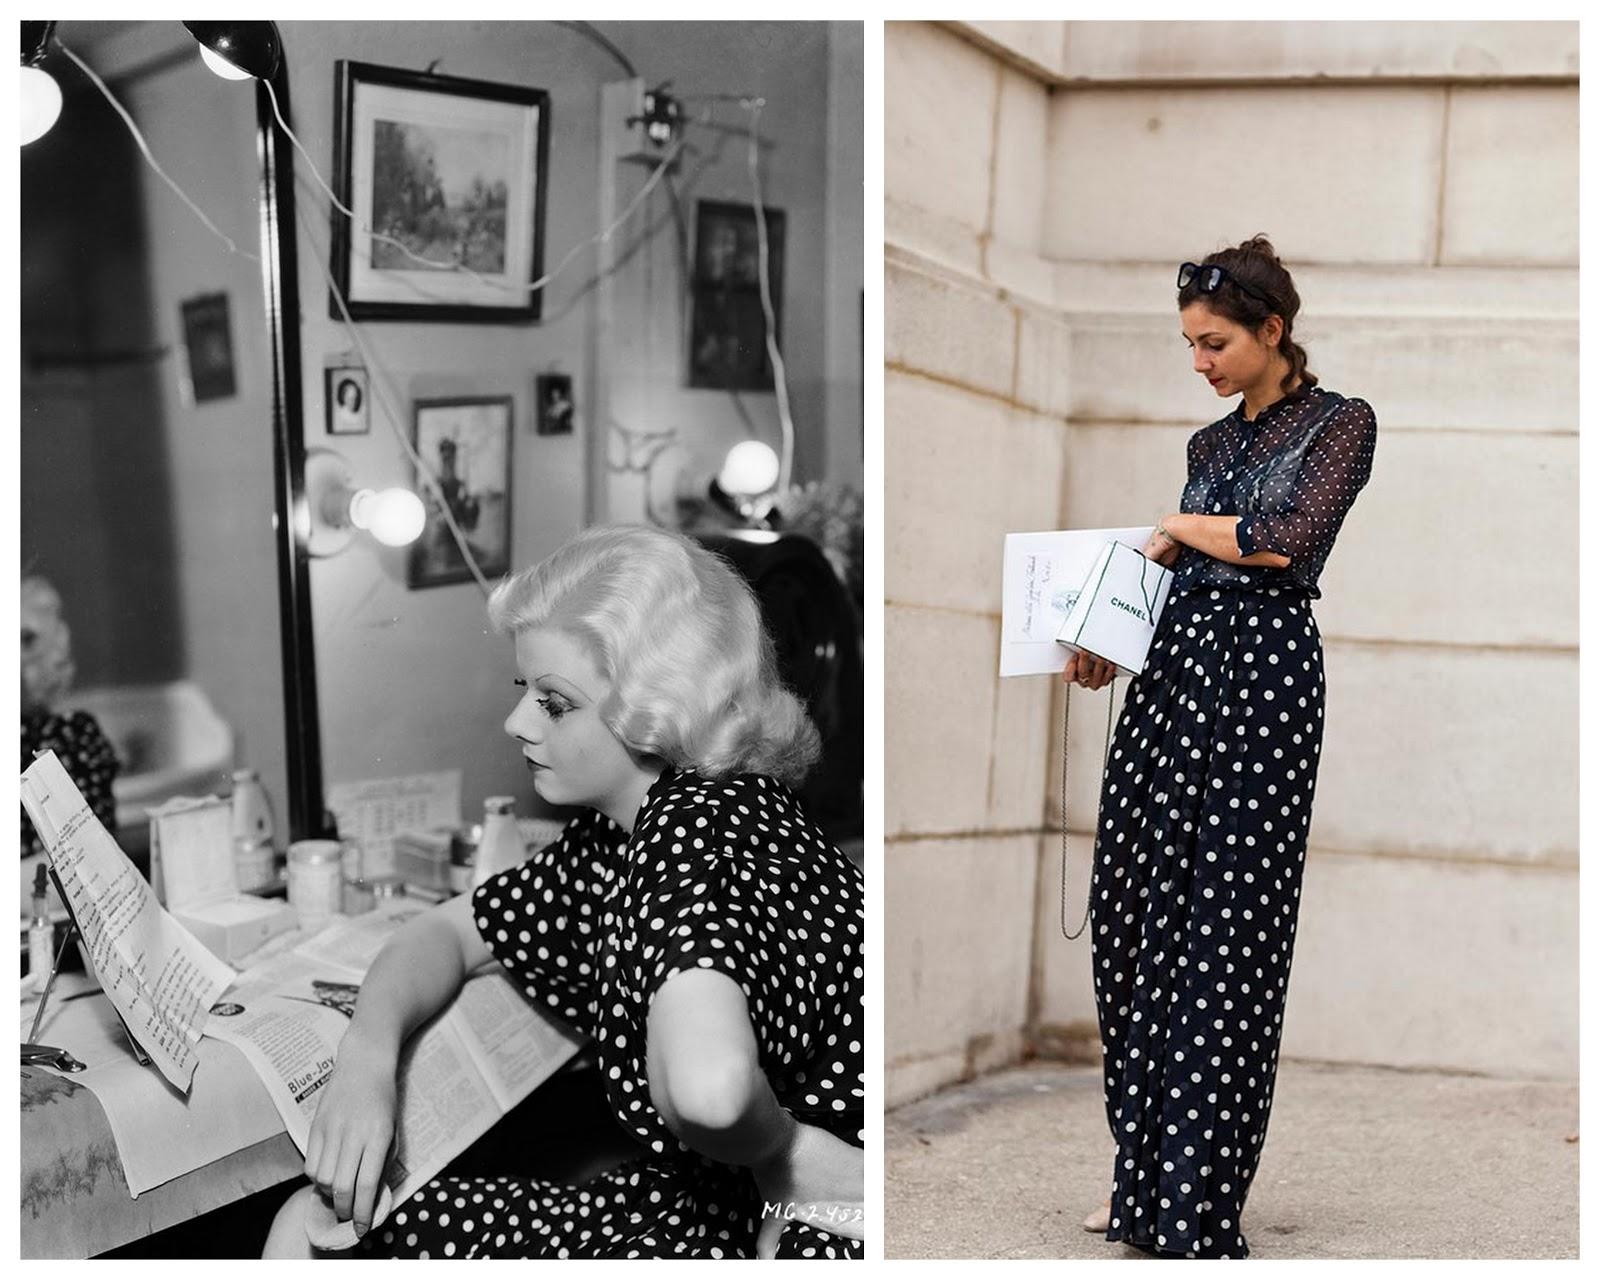 Стефания бруни в частных истории 4 фотография